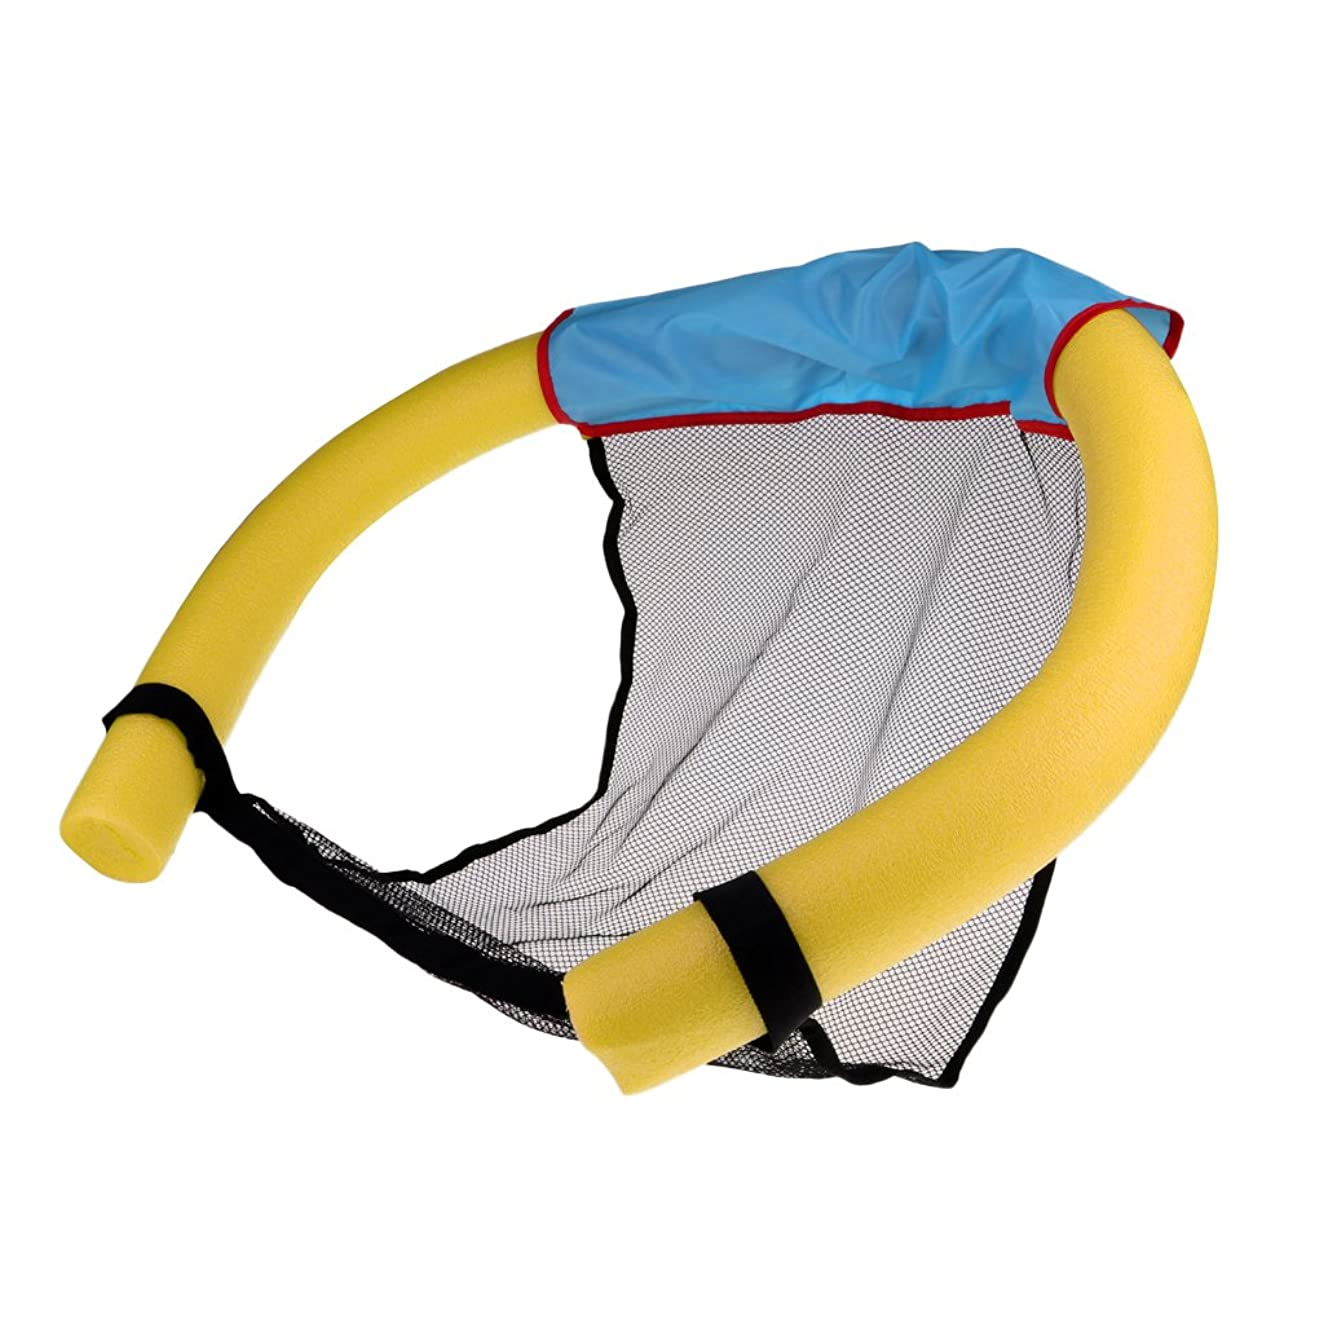 浮浪者多様性立ち寄る浮力スティック フローティング プール ヌードル スリング メッシュ フロート チェア 水泳 水のおもちゃ 全5色 - 黄